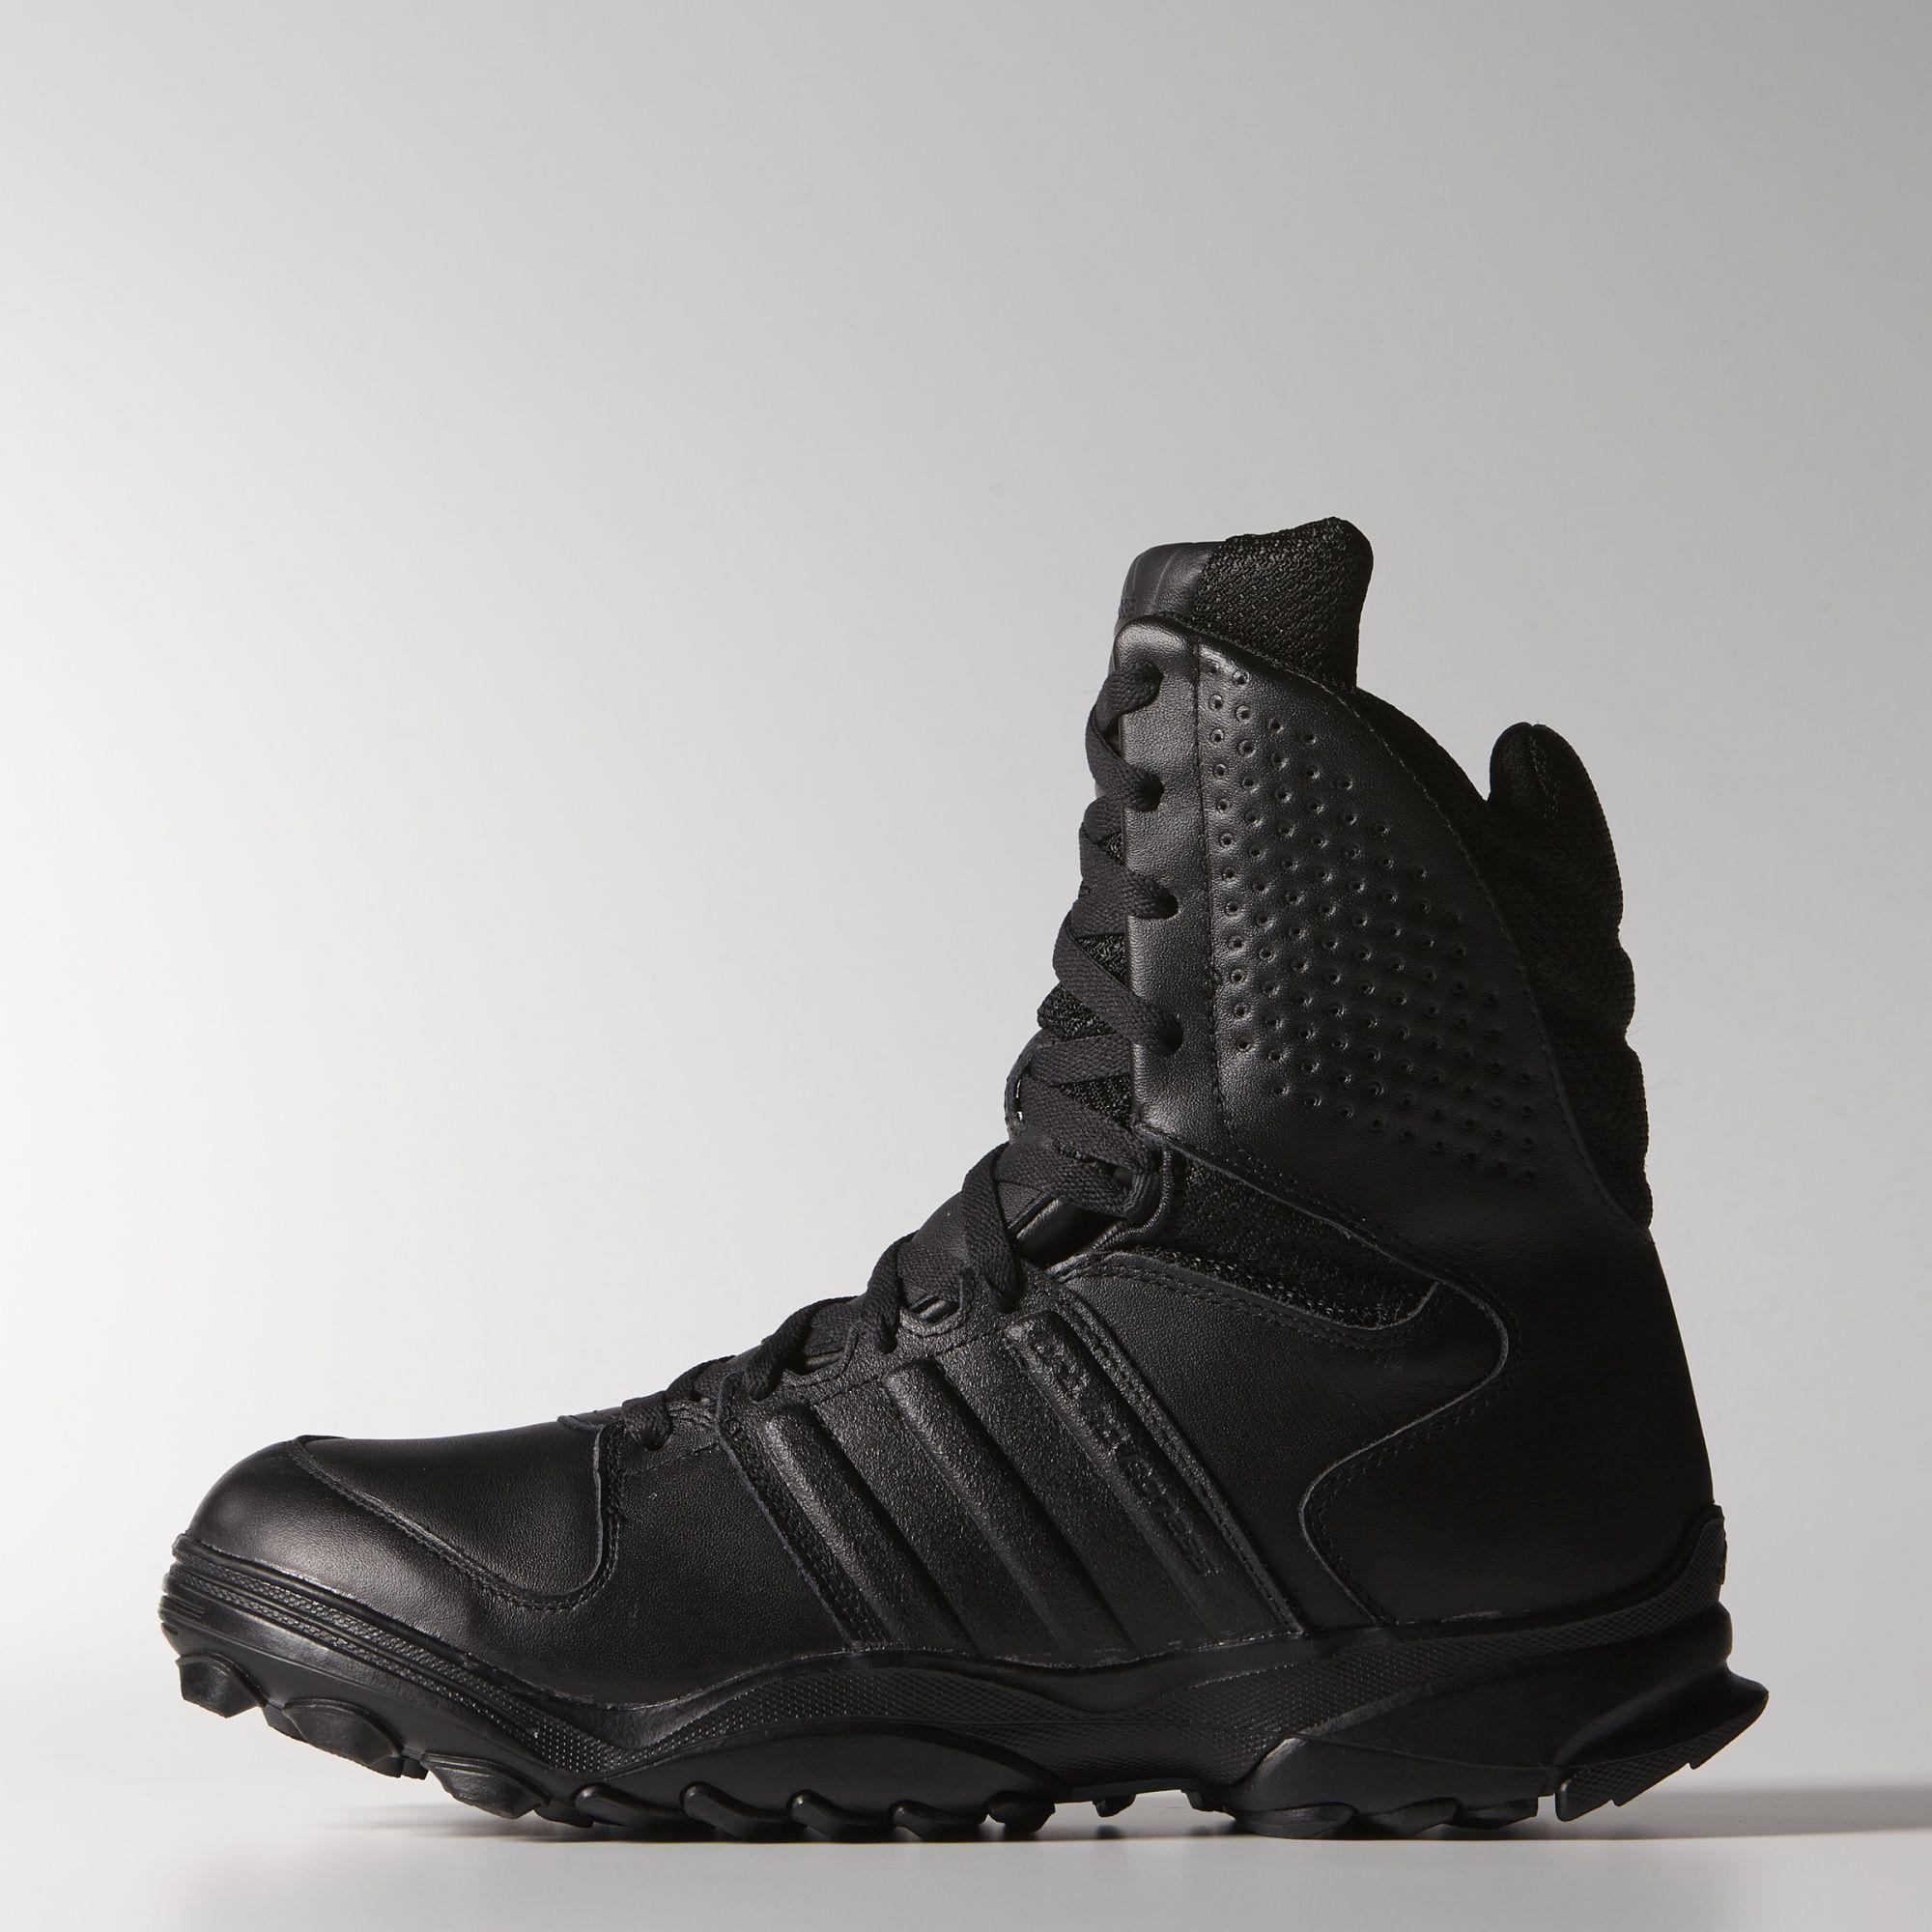 Resultado de imagem para adidas tactical boots